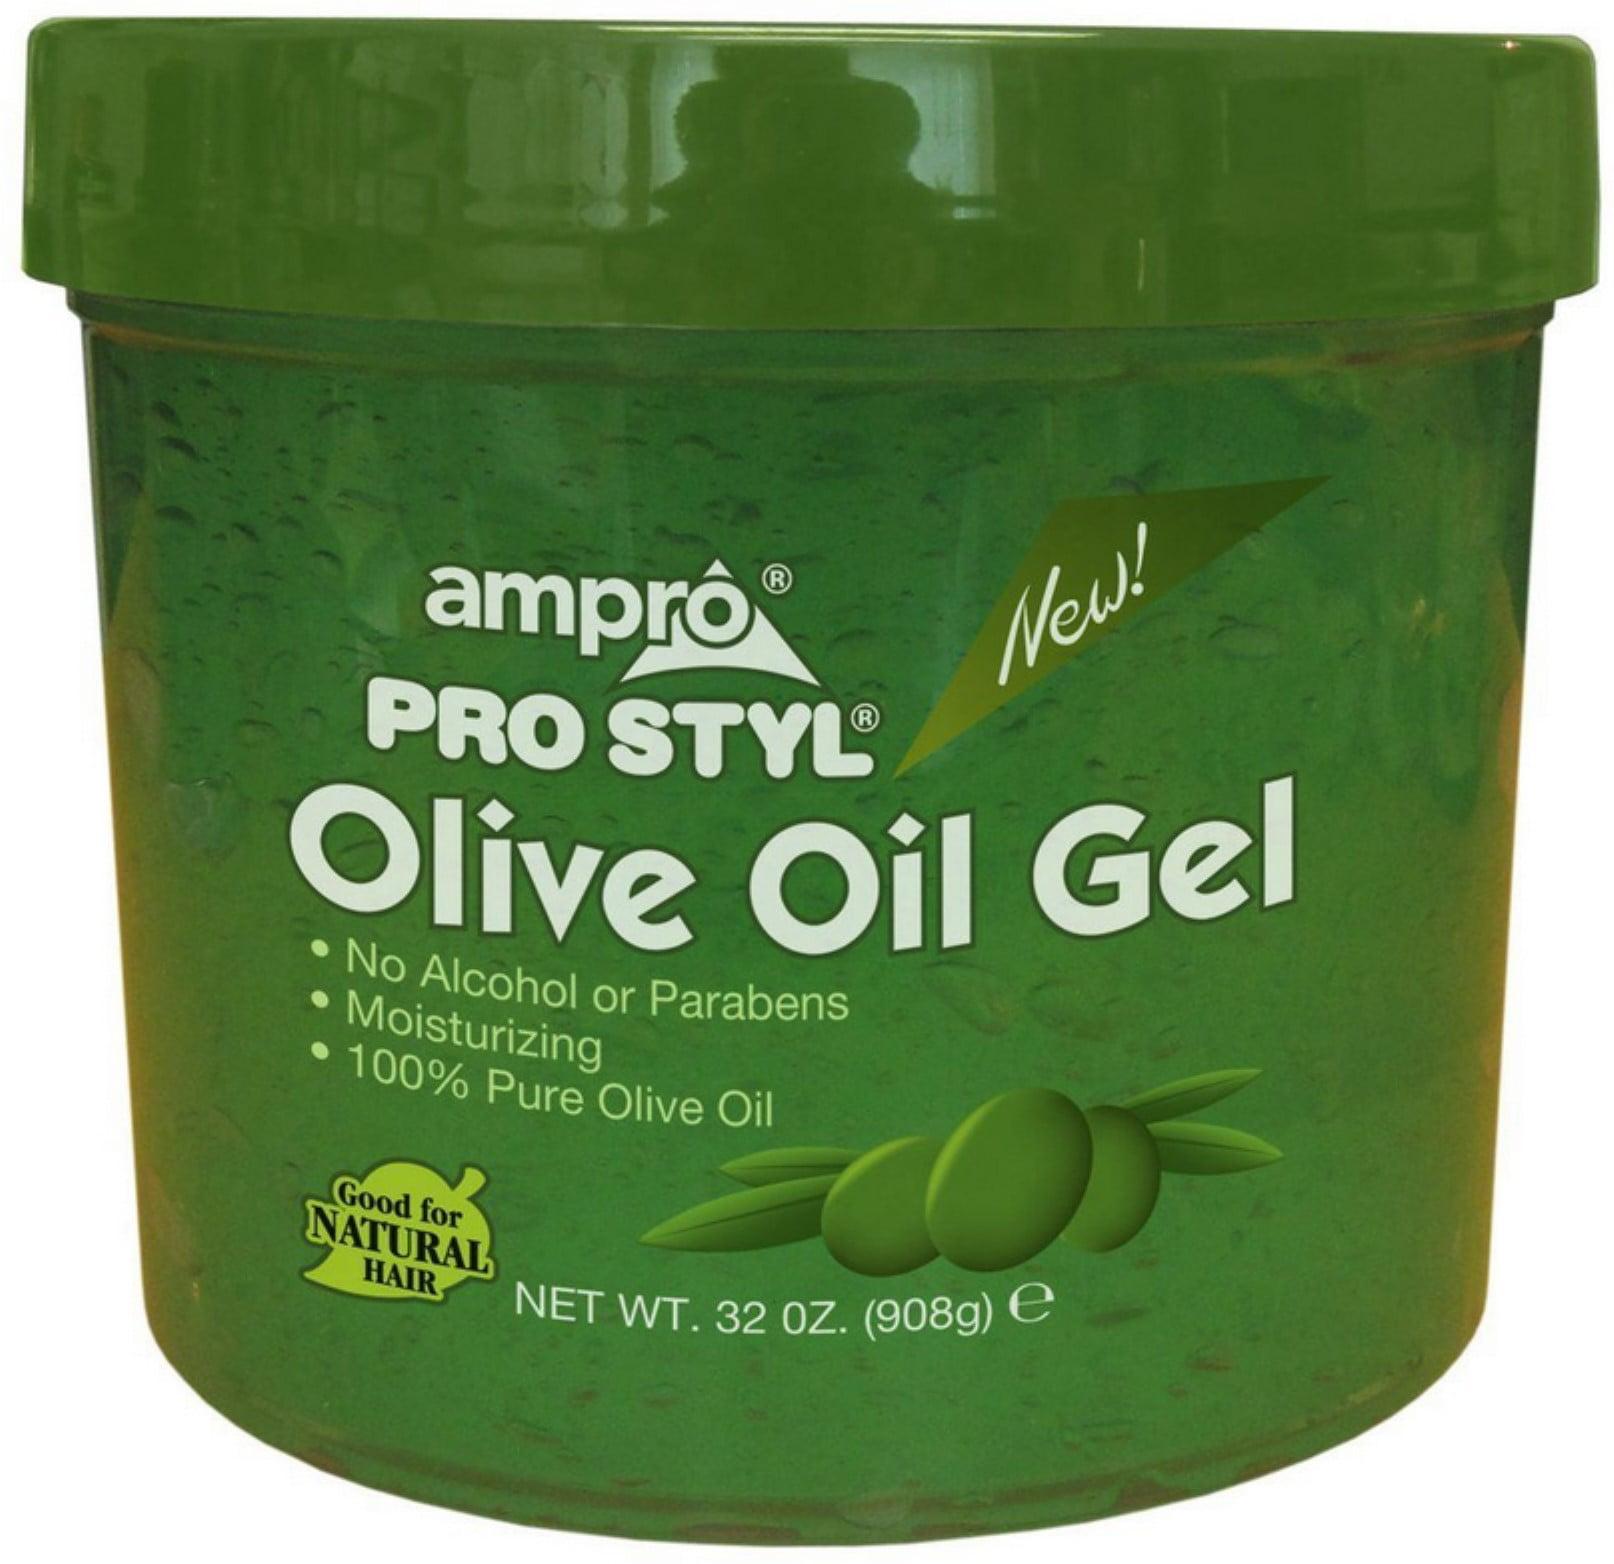 Ampro Olive Oil Gel, 32 oz